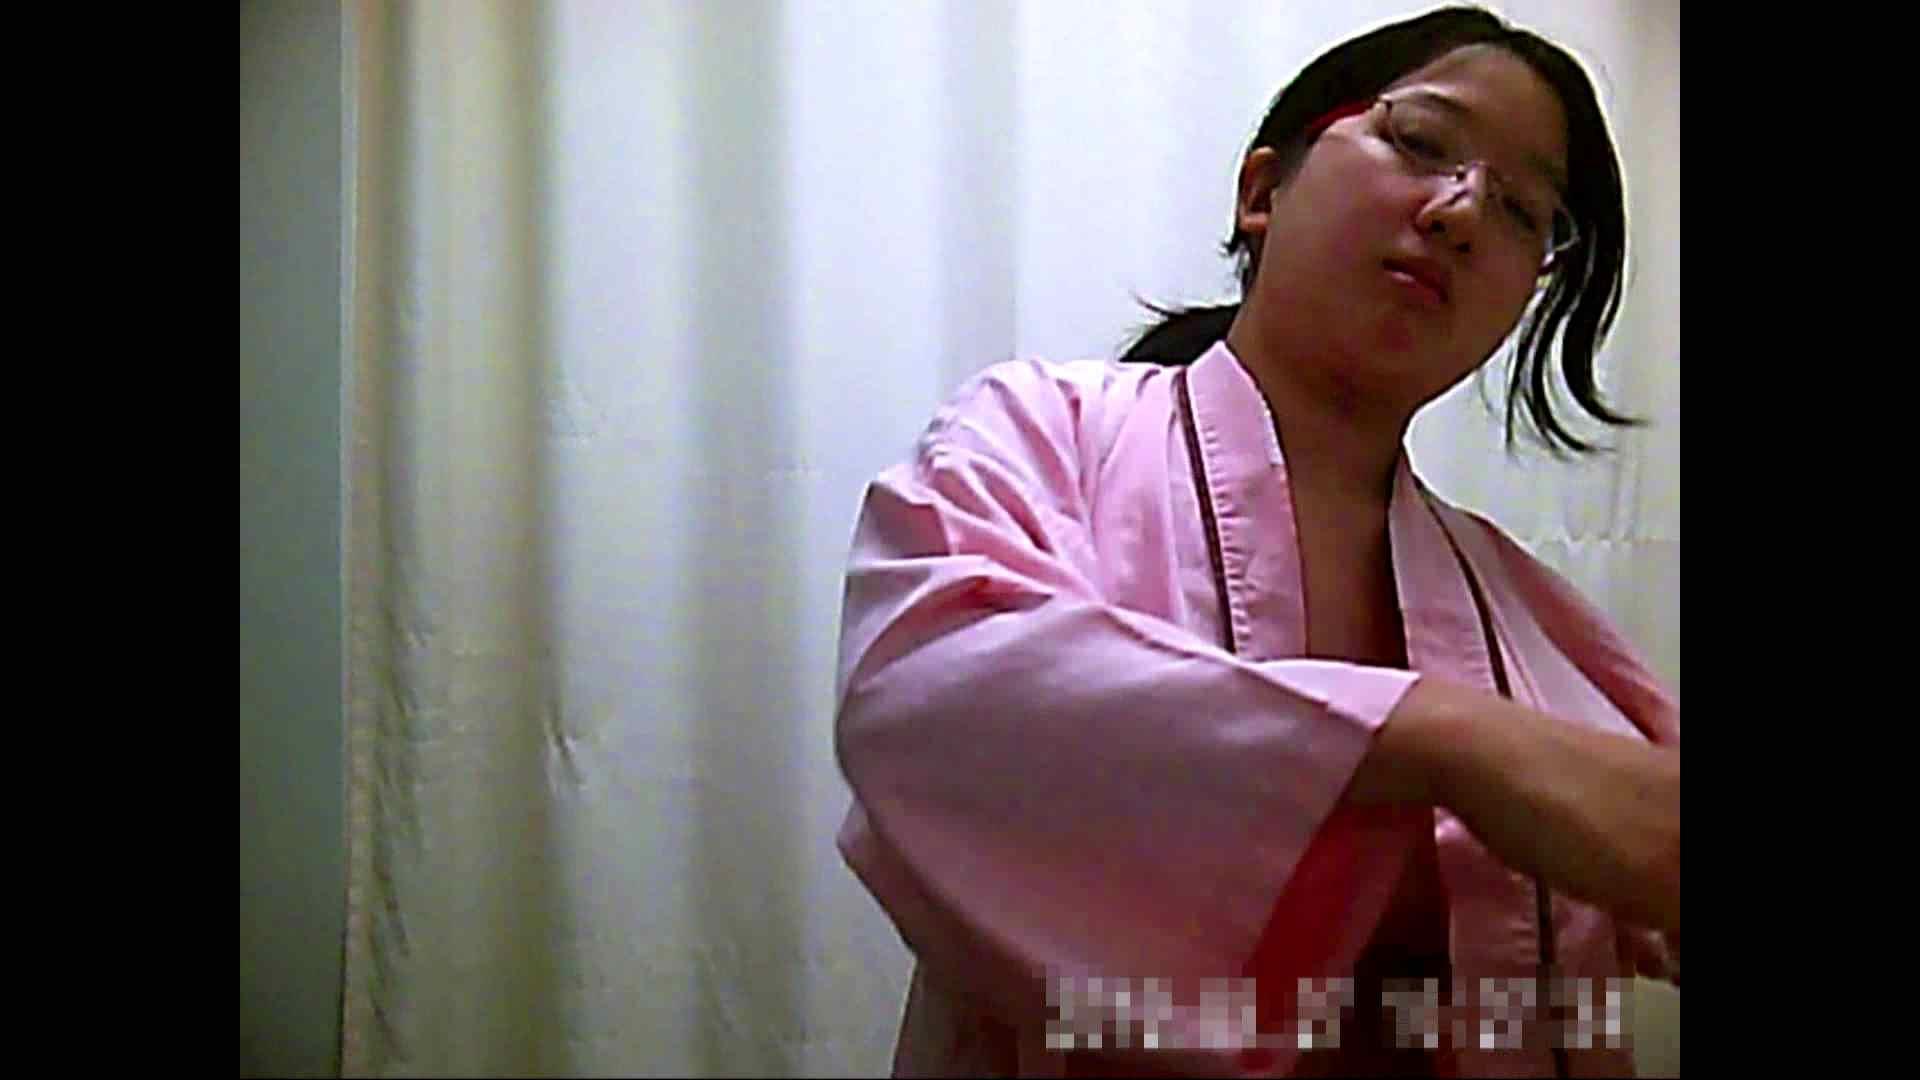 元医者による反抗 更衣室地獄絵巻 vol.077 0   0  55画像 33